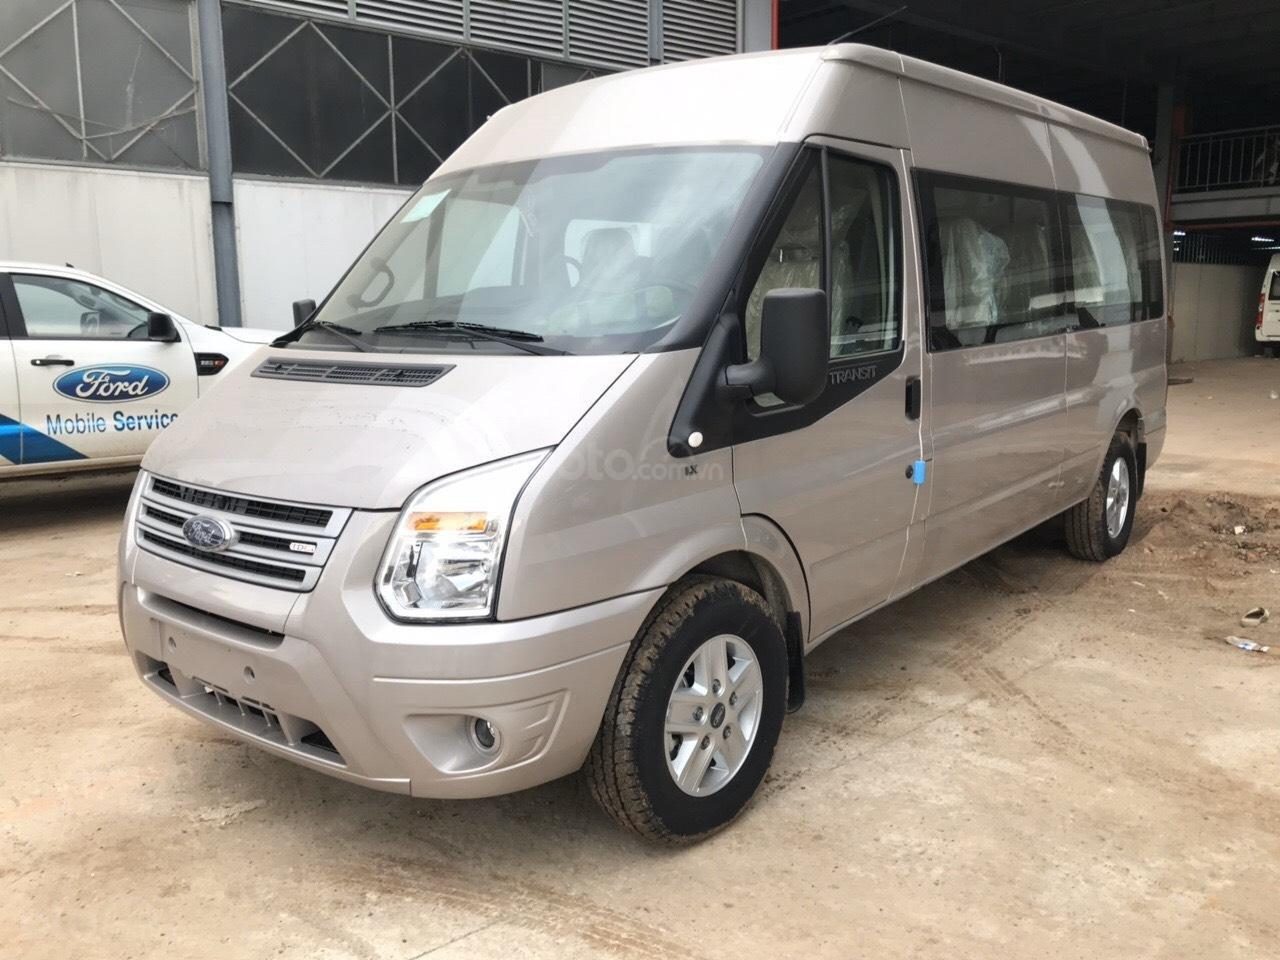 Bán Ford Transit 2019 giá tốt chỉ từ 705 triệu có xe giao ngay, hỗ trợ lãi suất tốt, LH 0908812444 để nhận ngay ưu đãi (7)